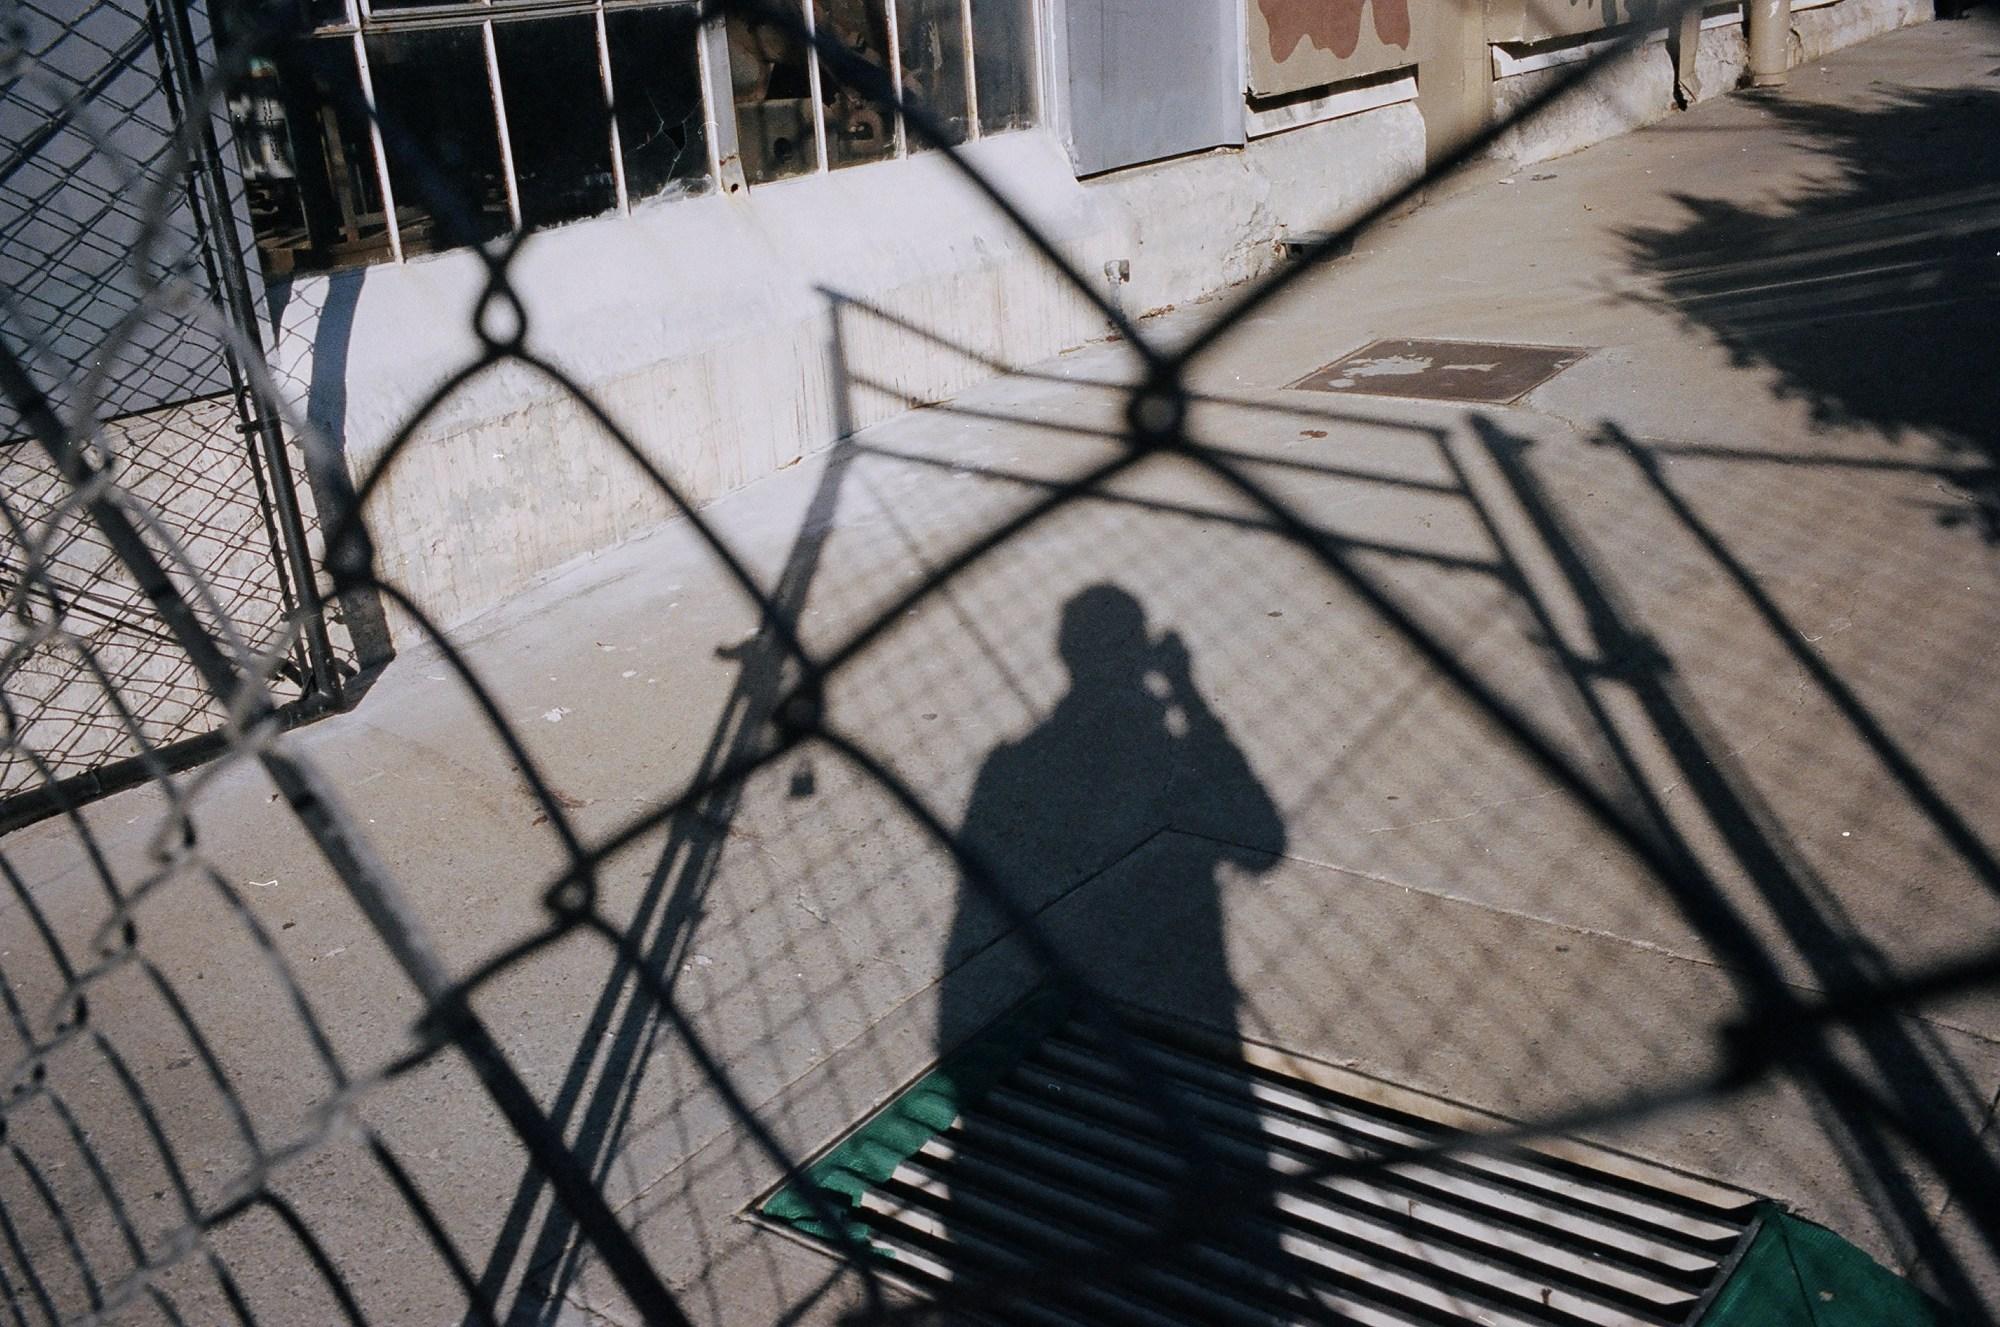 Selfie with shadows. Berkeley, 2013